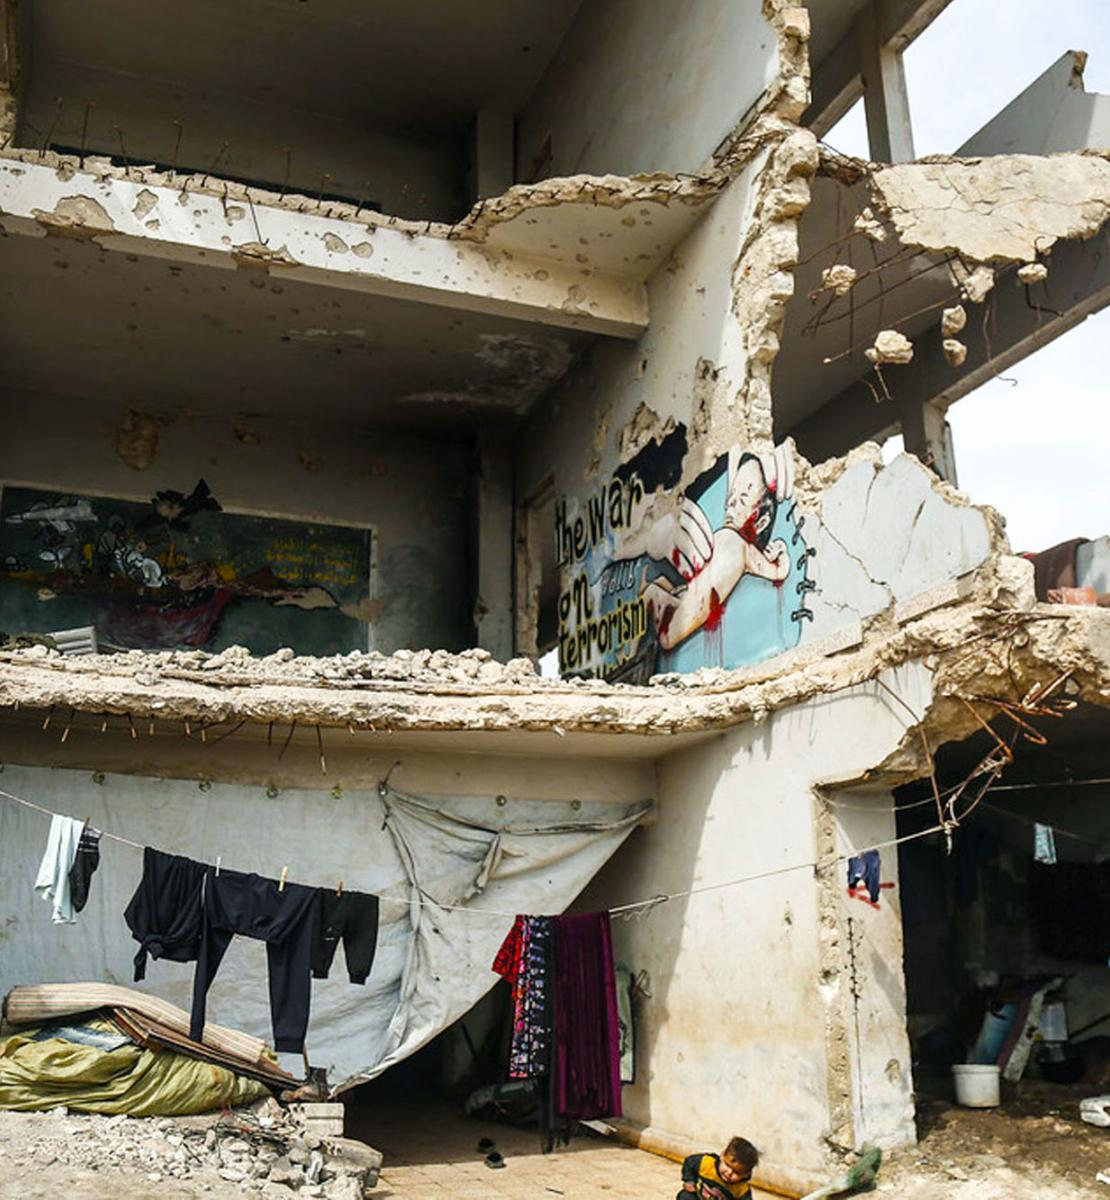 Une femme vêtue d'une robe bleue et portant un enfant dans les bras se tient devant un bâtiment dont la façade a été complètement détruite. Un autre enfant est accroupi près d'elle et une fillette se tient près d'un rebord, au premier étage du bâtiment.